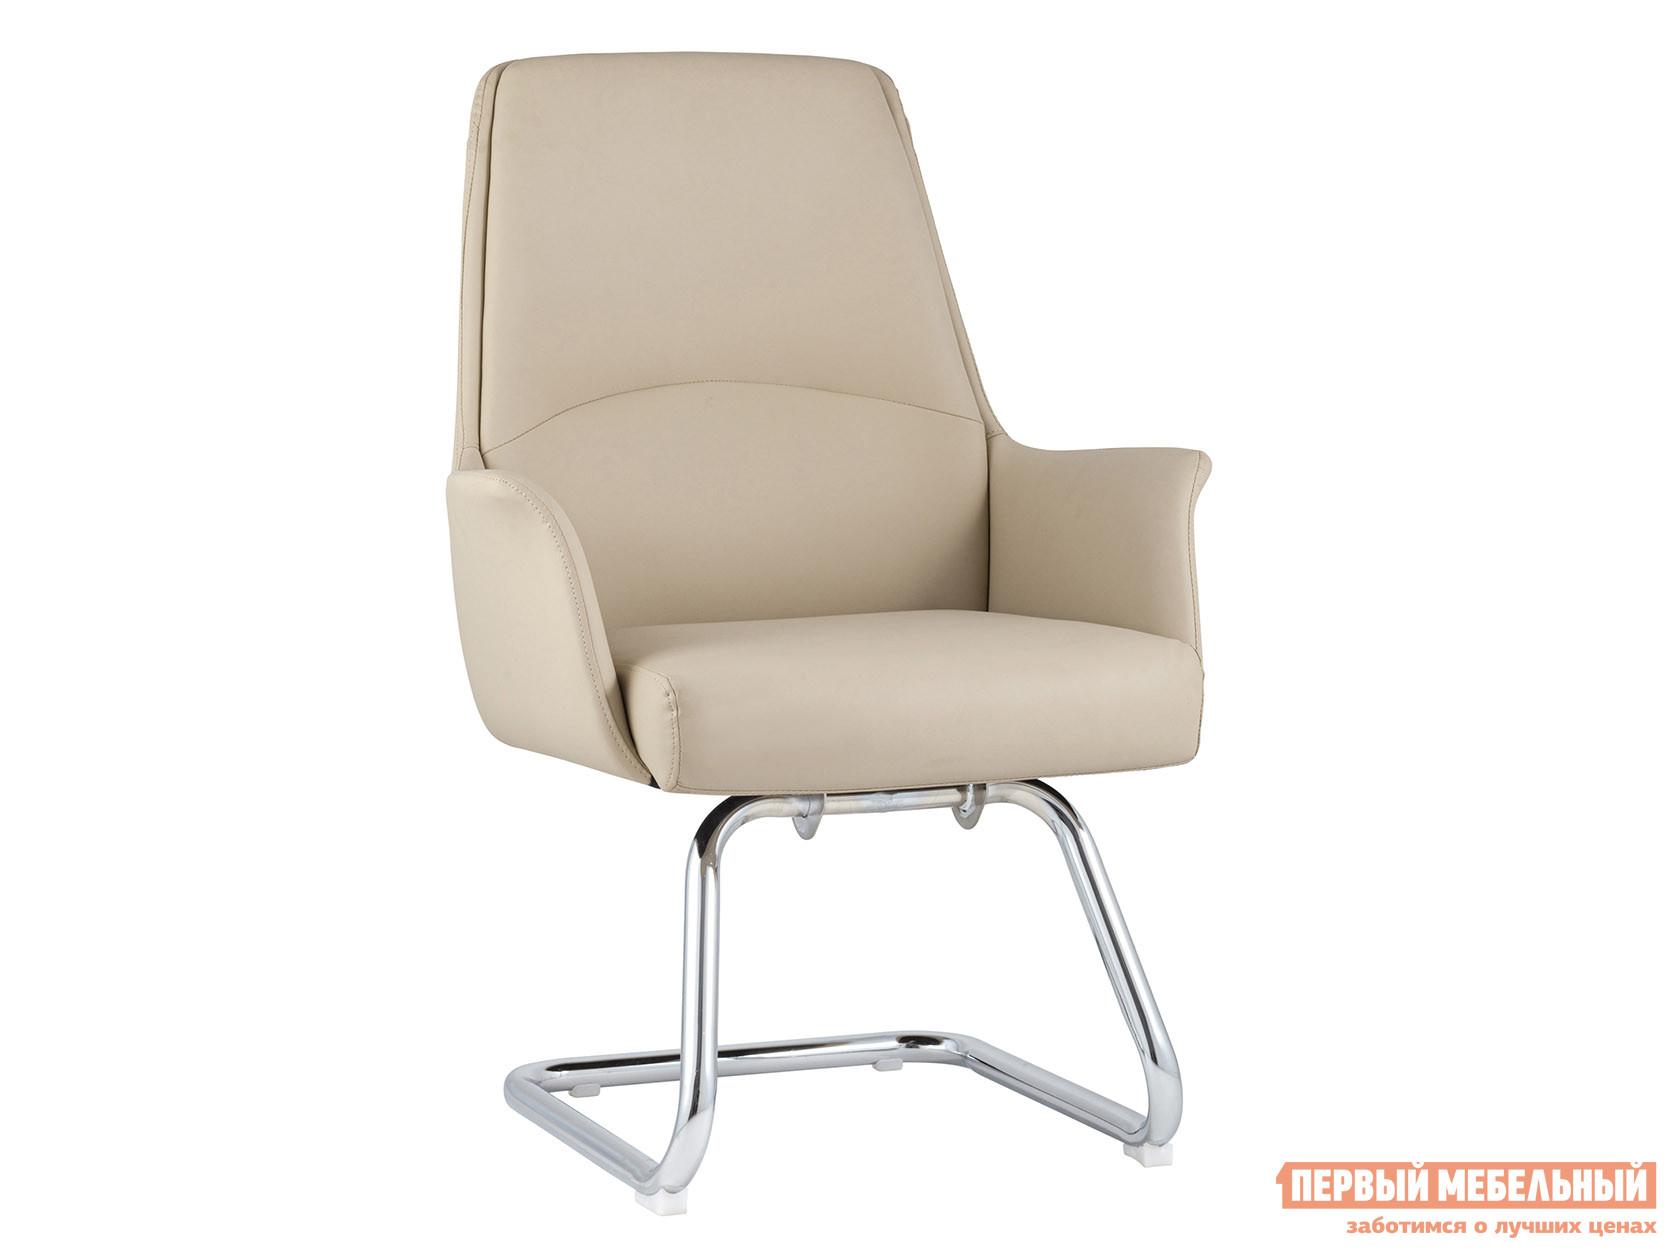 Офисный стул Кресло для посетителей TopChairs Viking+Мет.основание Бежевый, экокожа фото